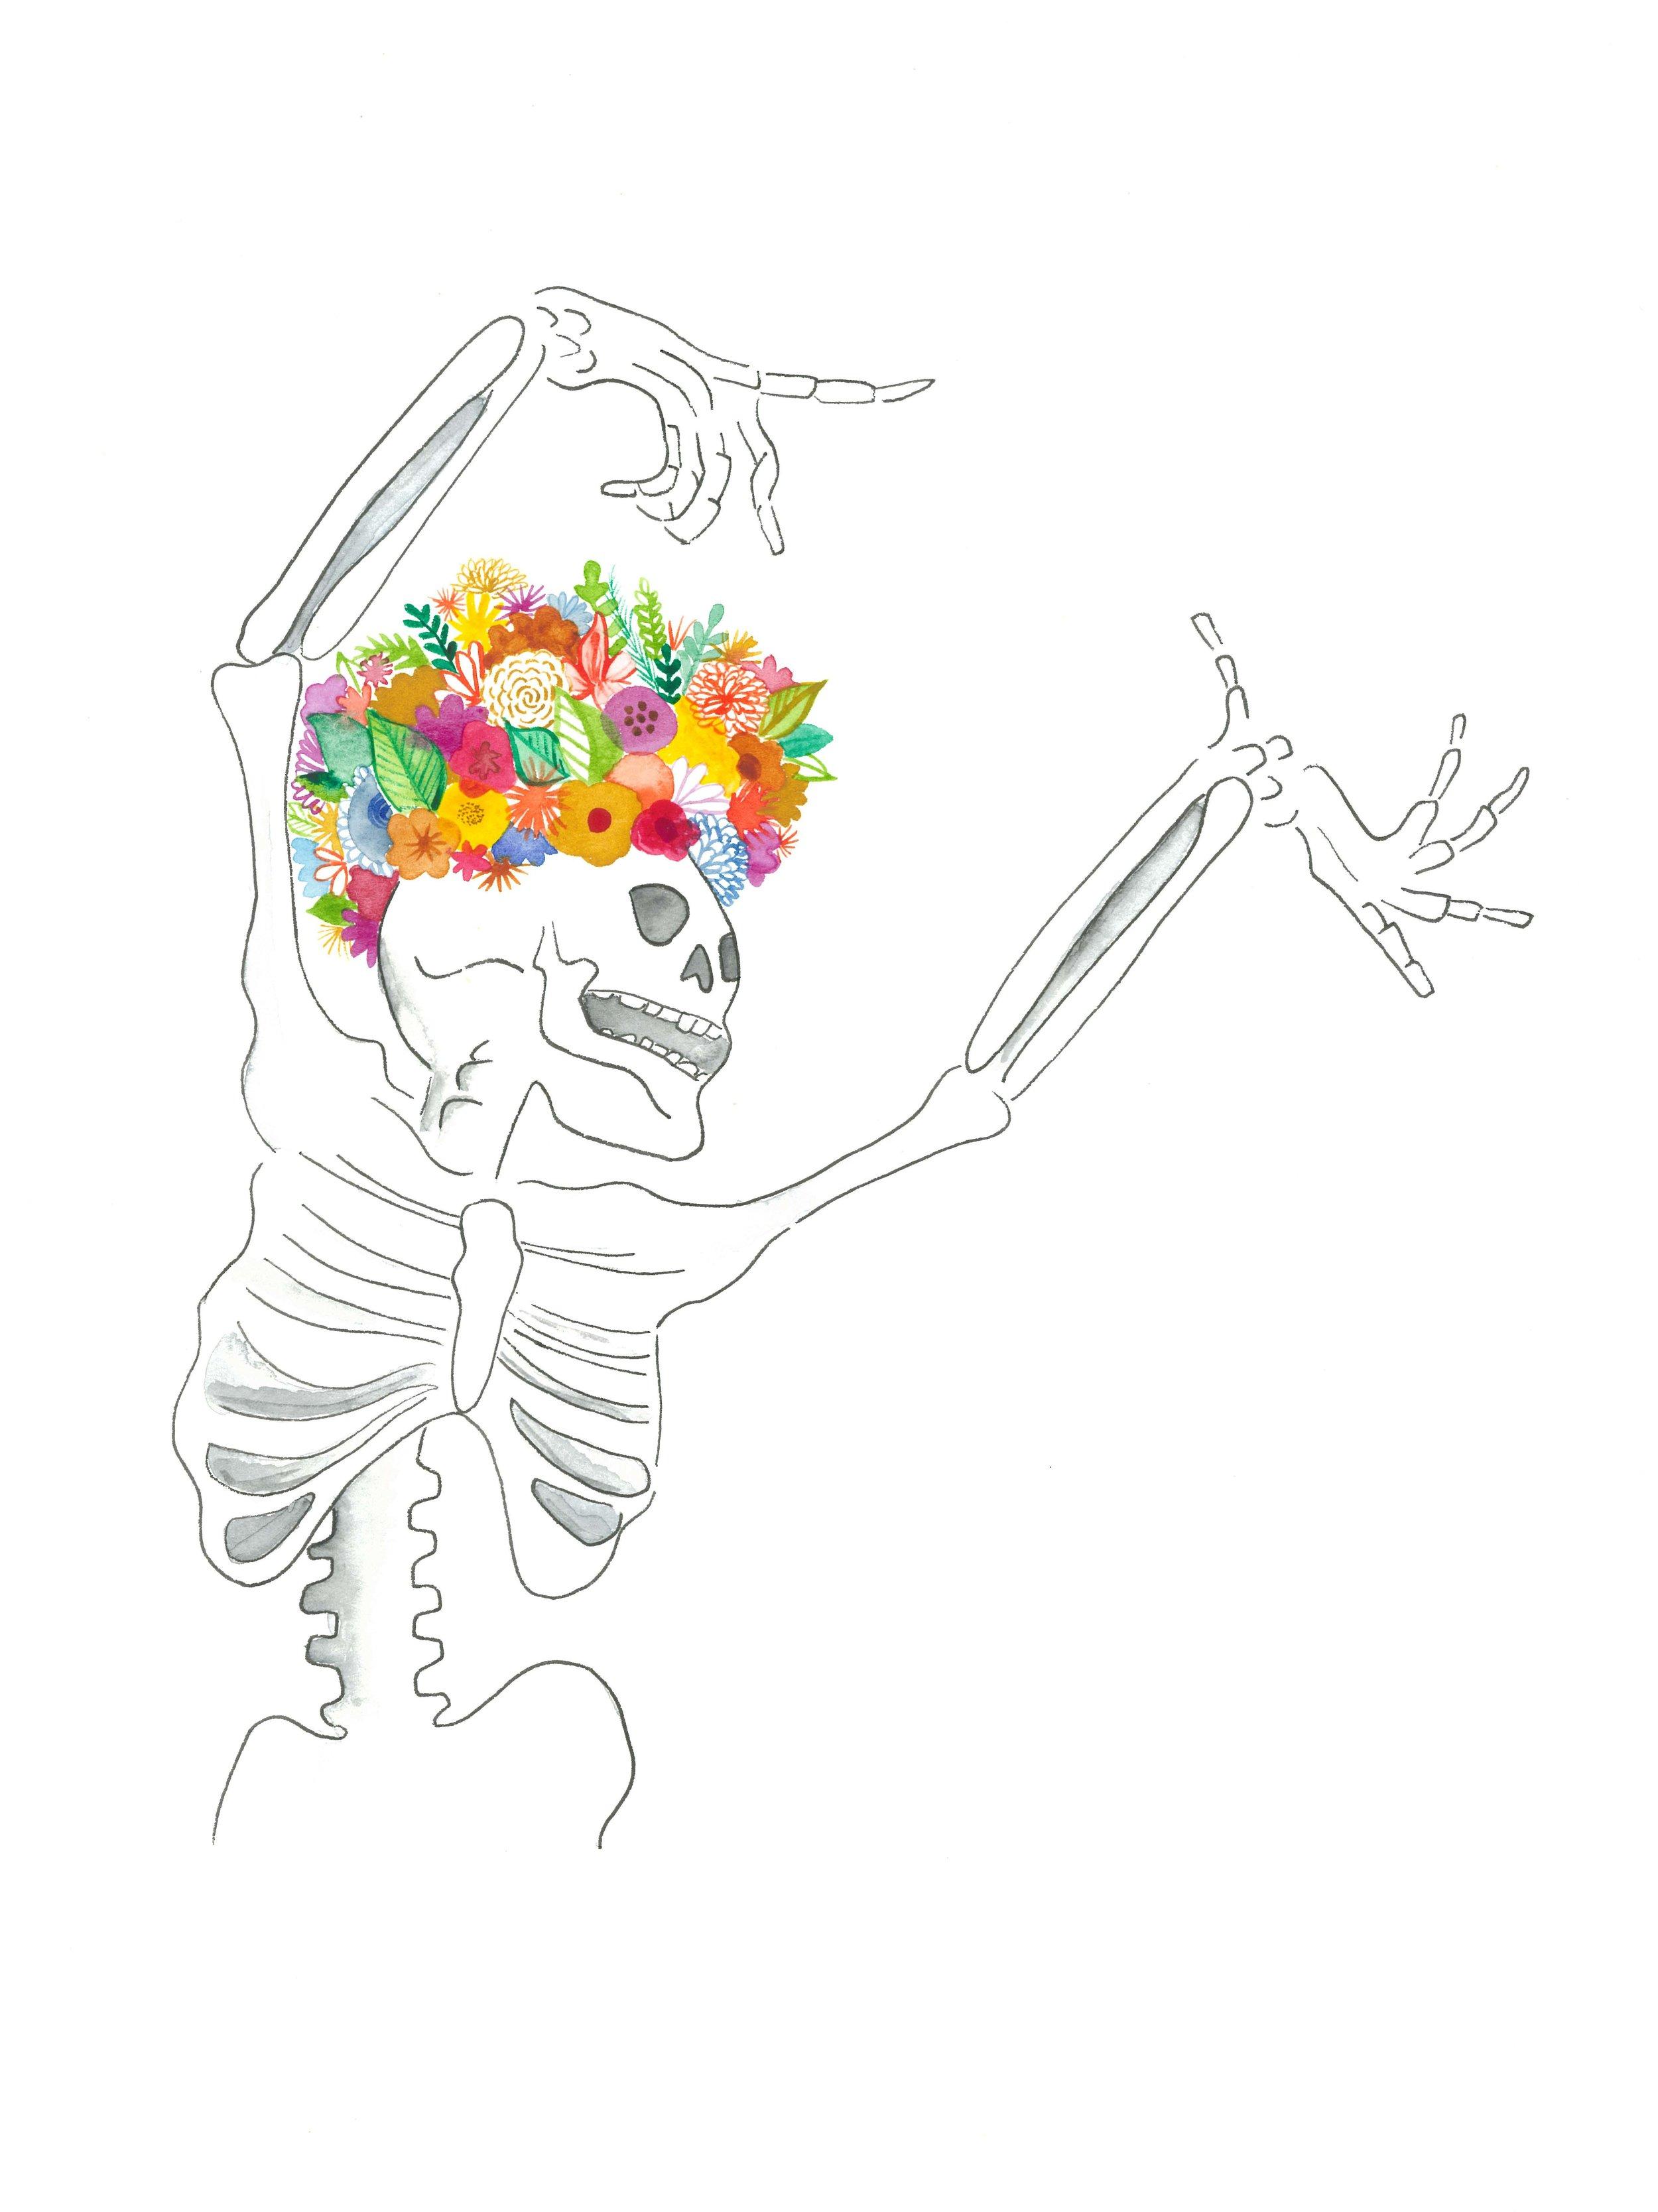 Skeleton dancer.jpg